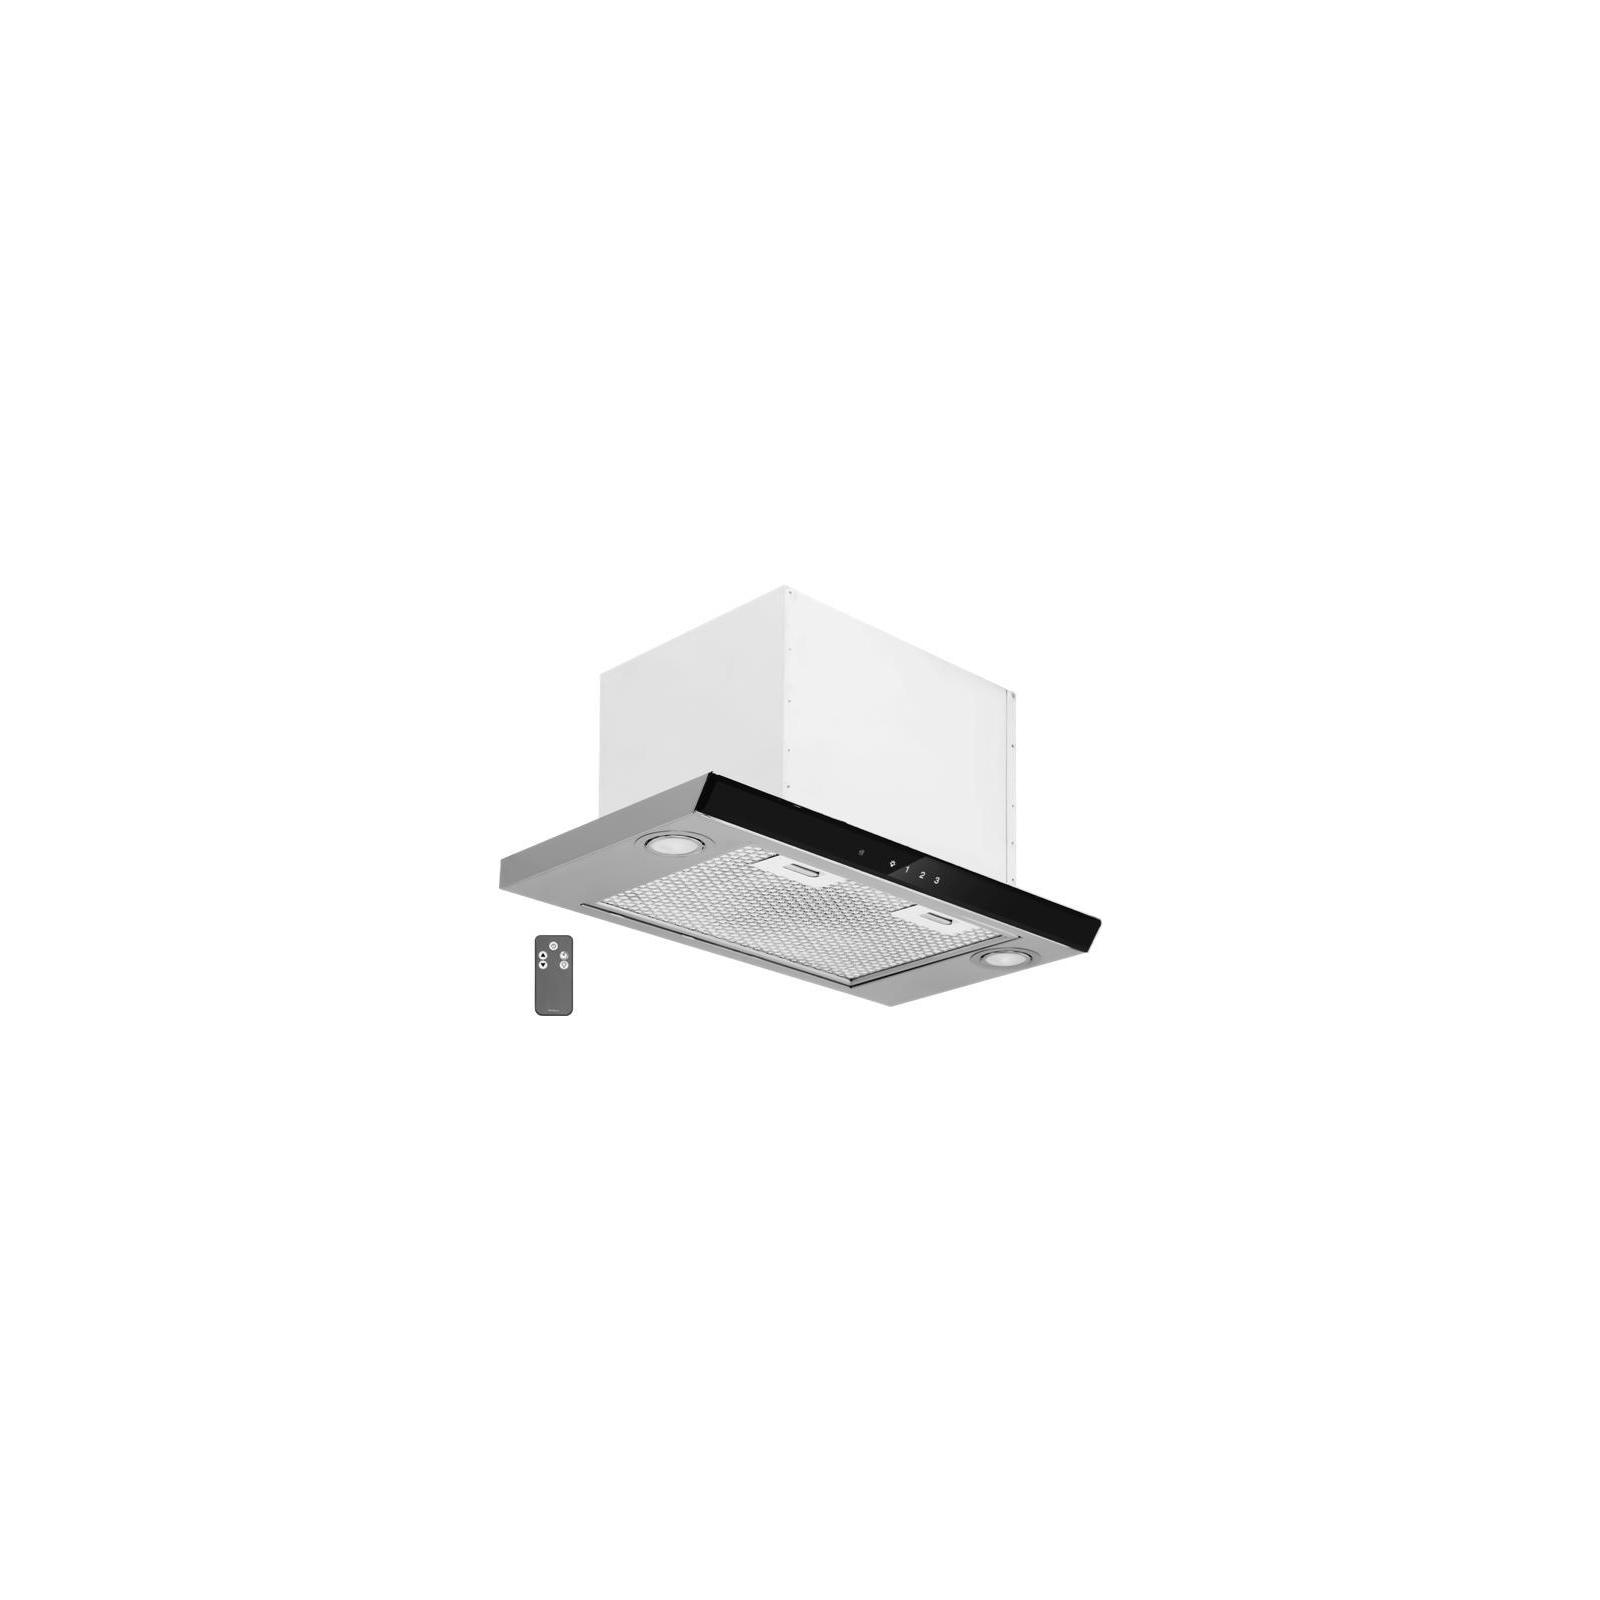 Вытяжка кухонная ZIRTAL INLINEA 60 BL